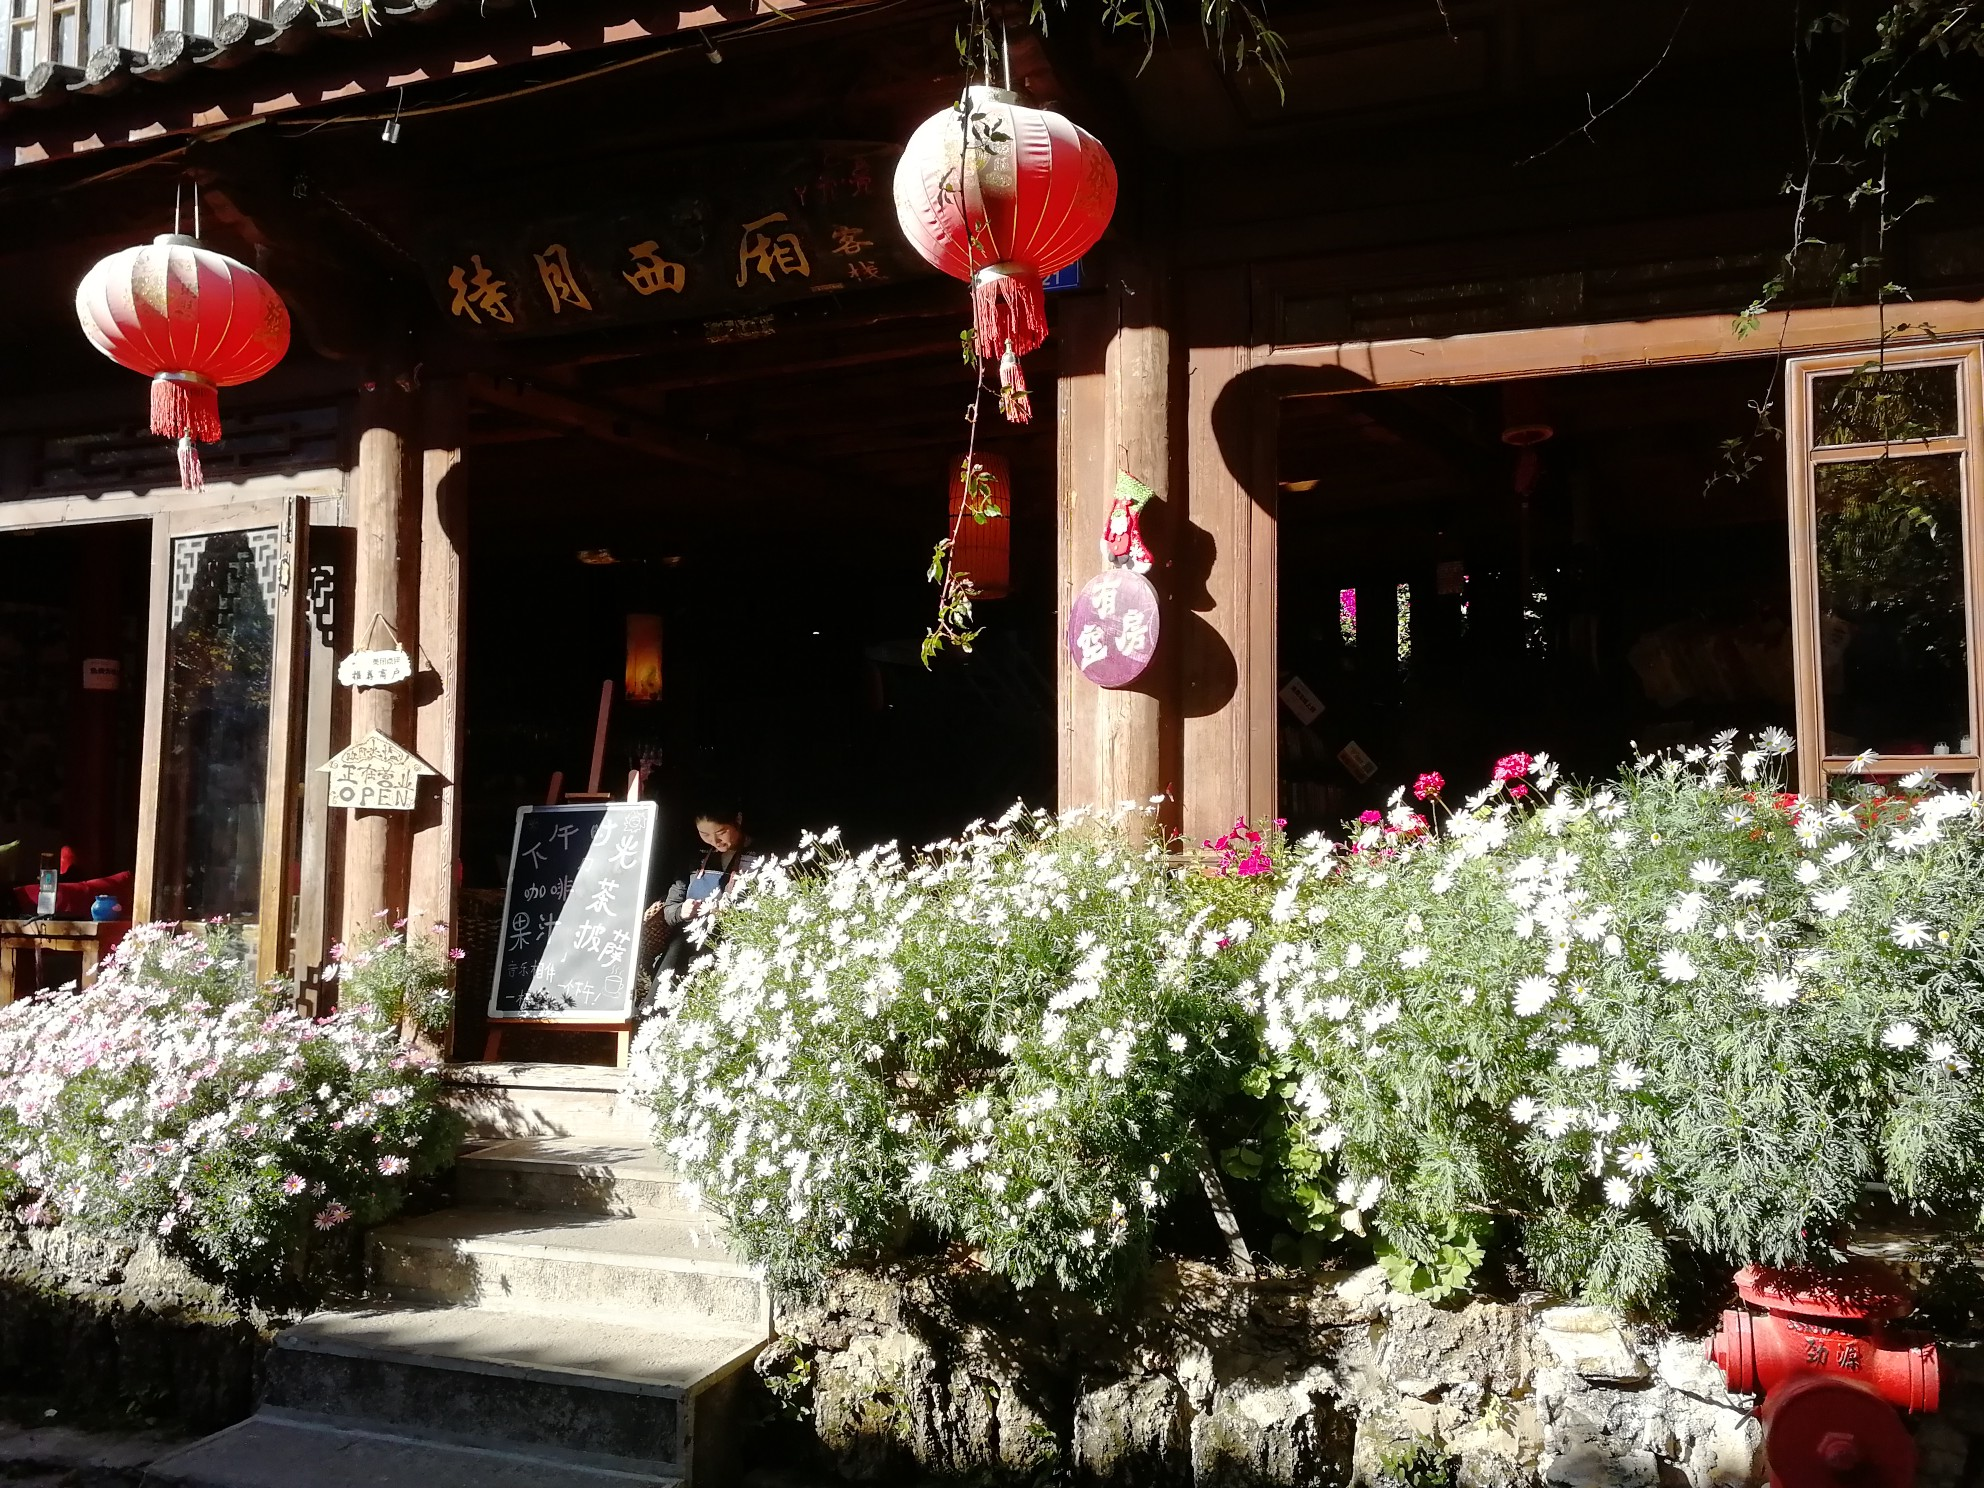 麗江古城給我兩個印象建筑壯觀和音樂美妙